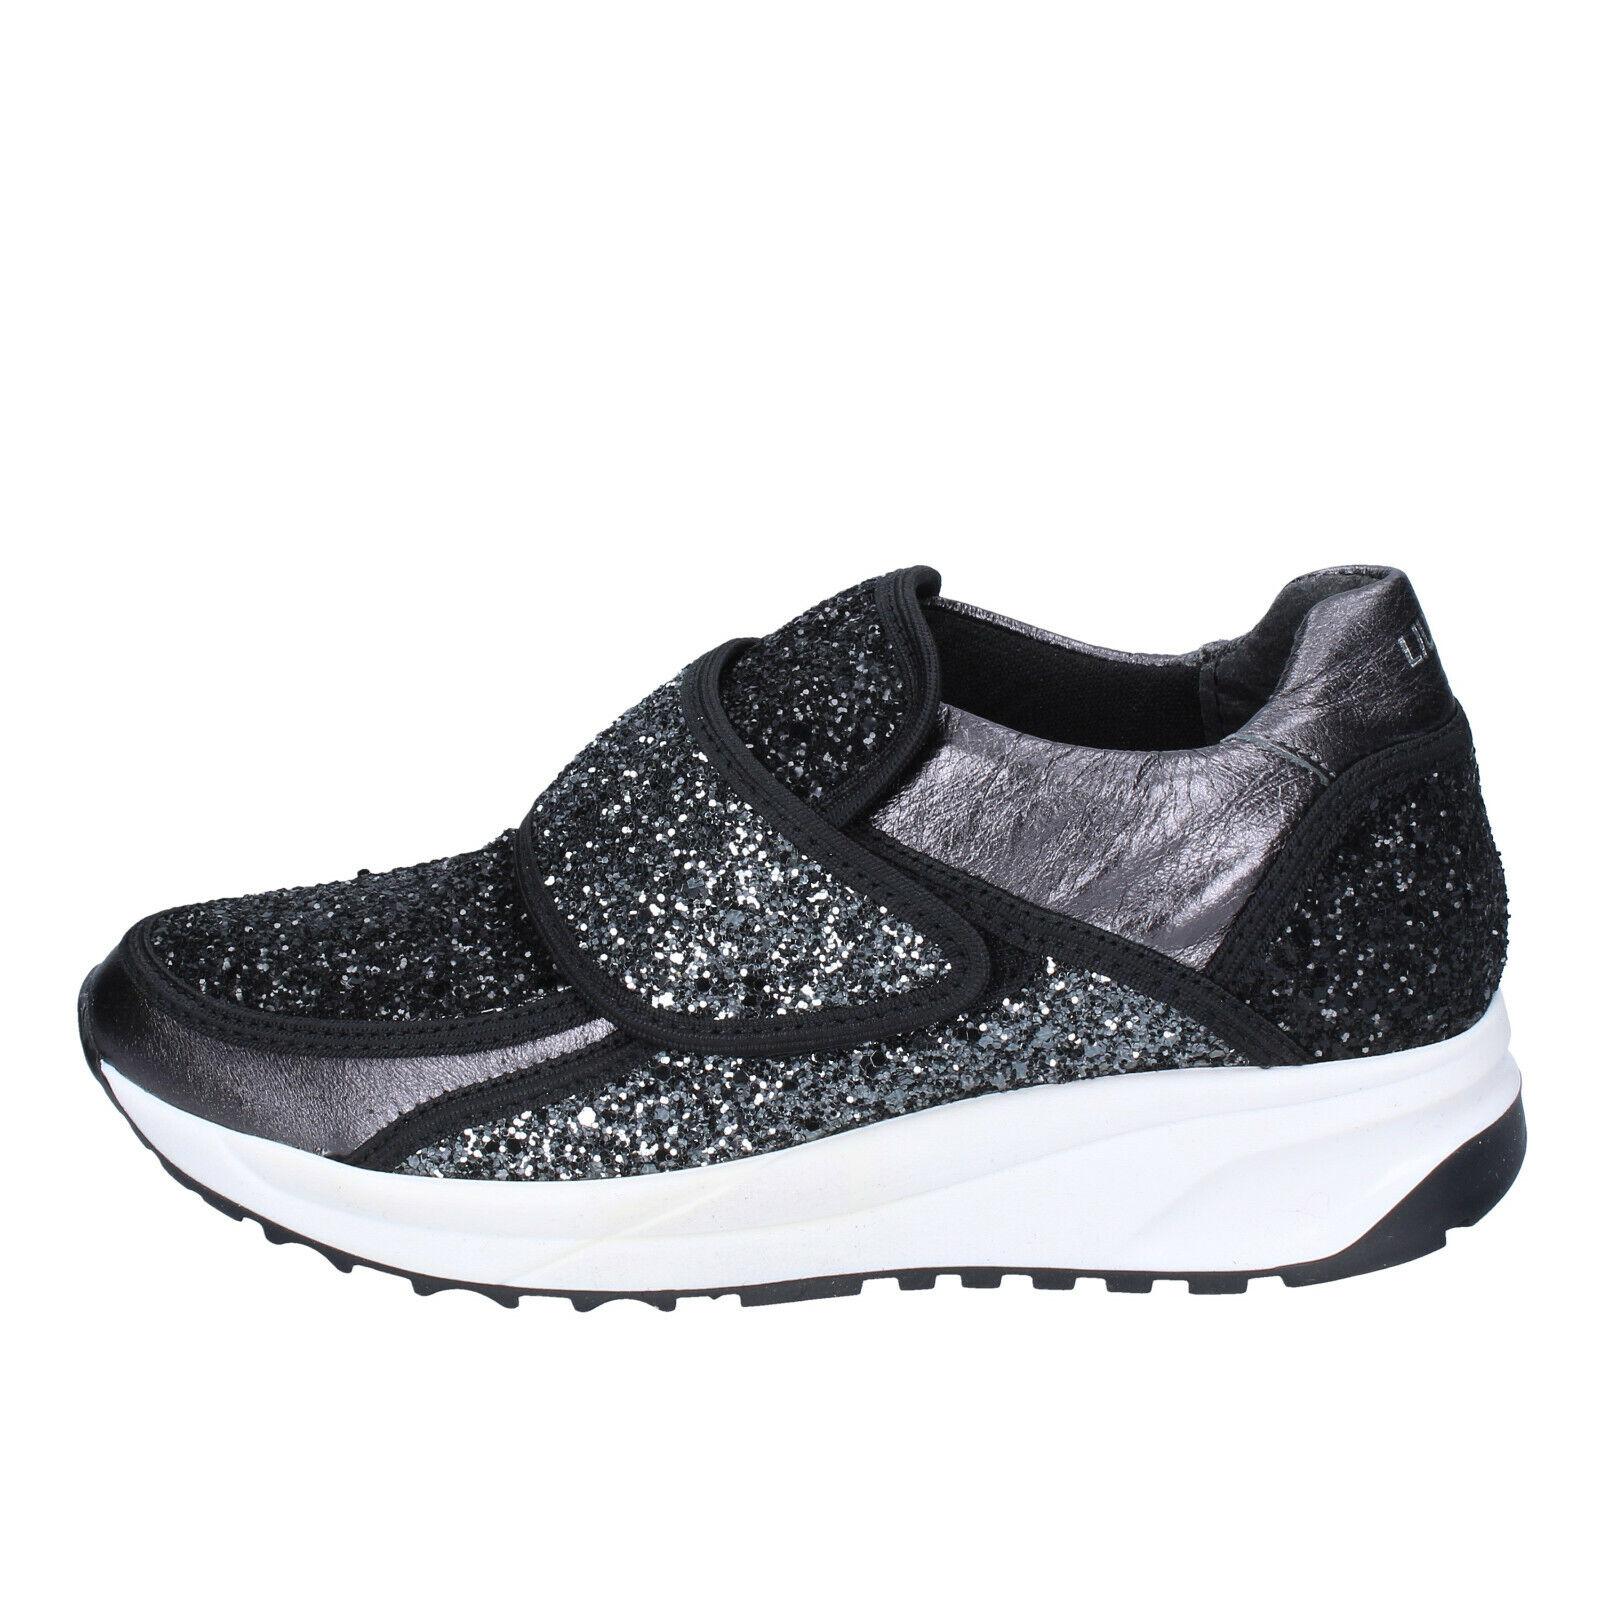 Womens shoes shoes shoes LIU JO 4 (EU 37) sneakers black grey glitter BS606-37 63360c